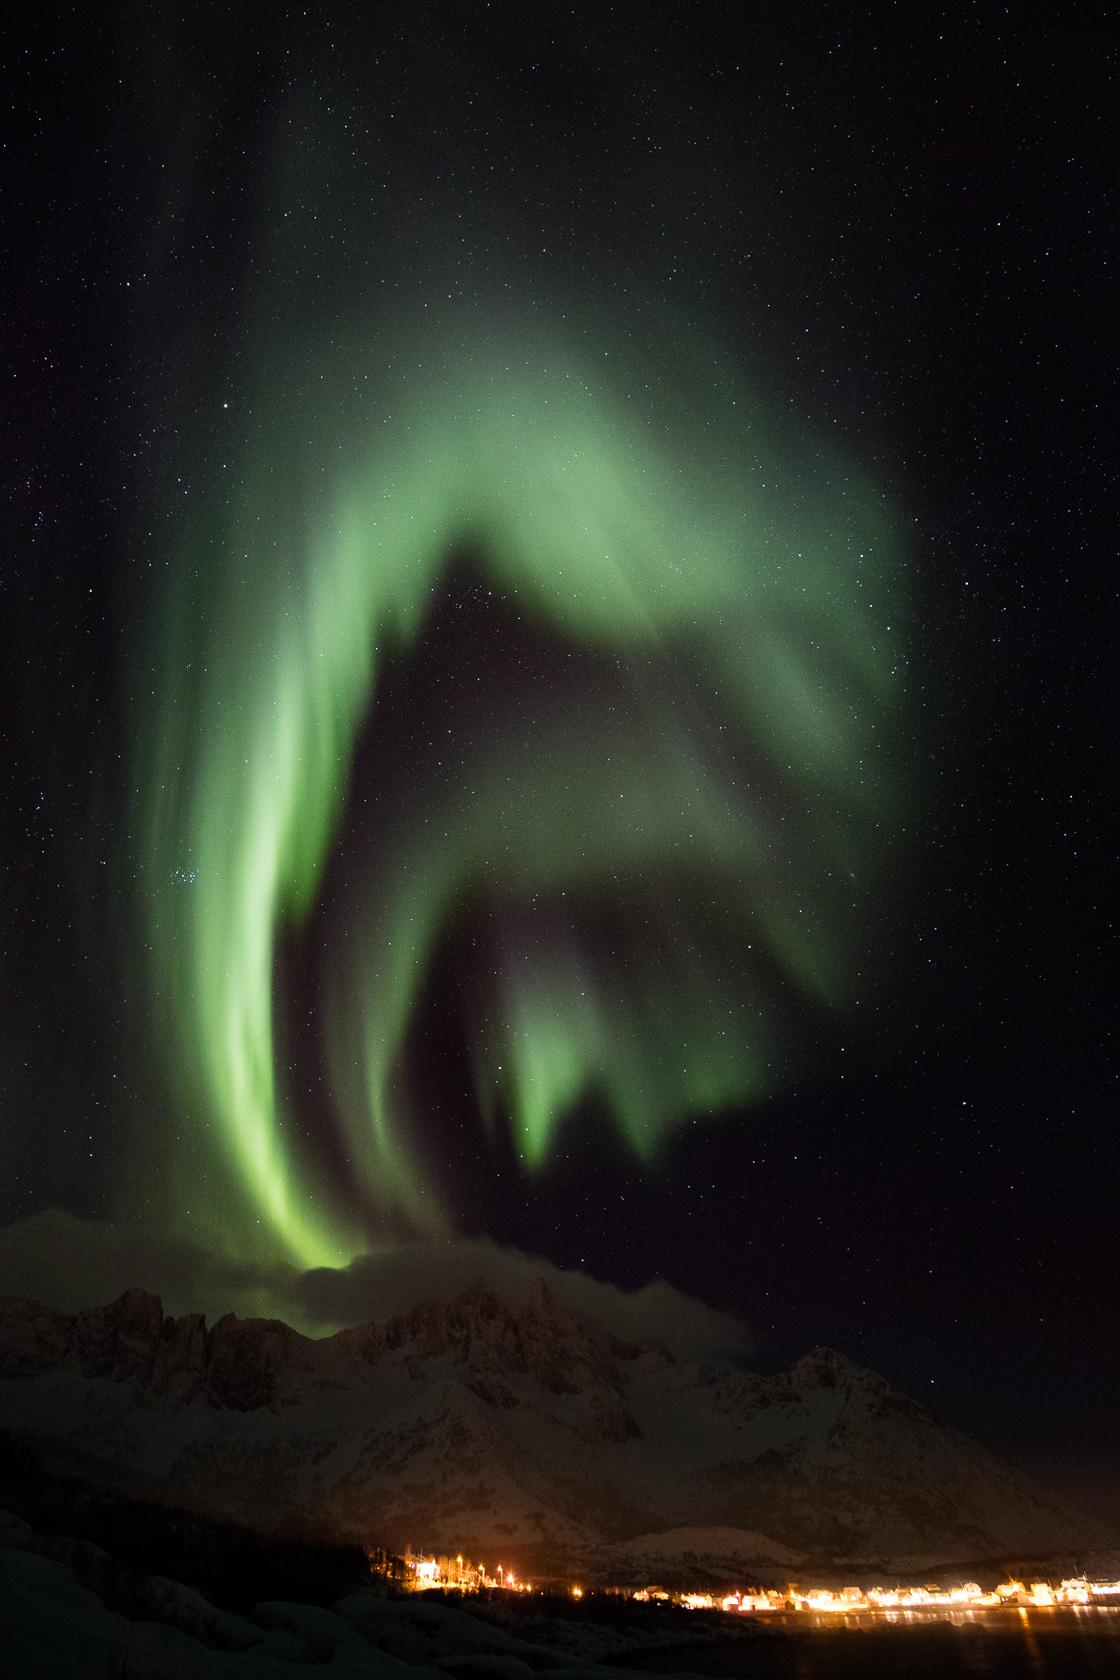 aurore boréales au-dessus du village de Mefjordvær, pendant un voyage photo à Senja, en Norvège